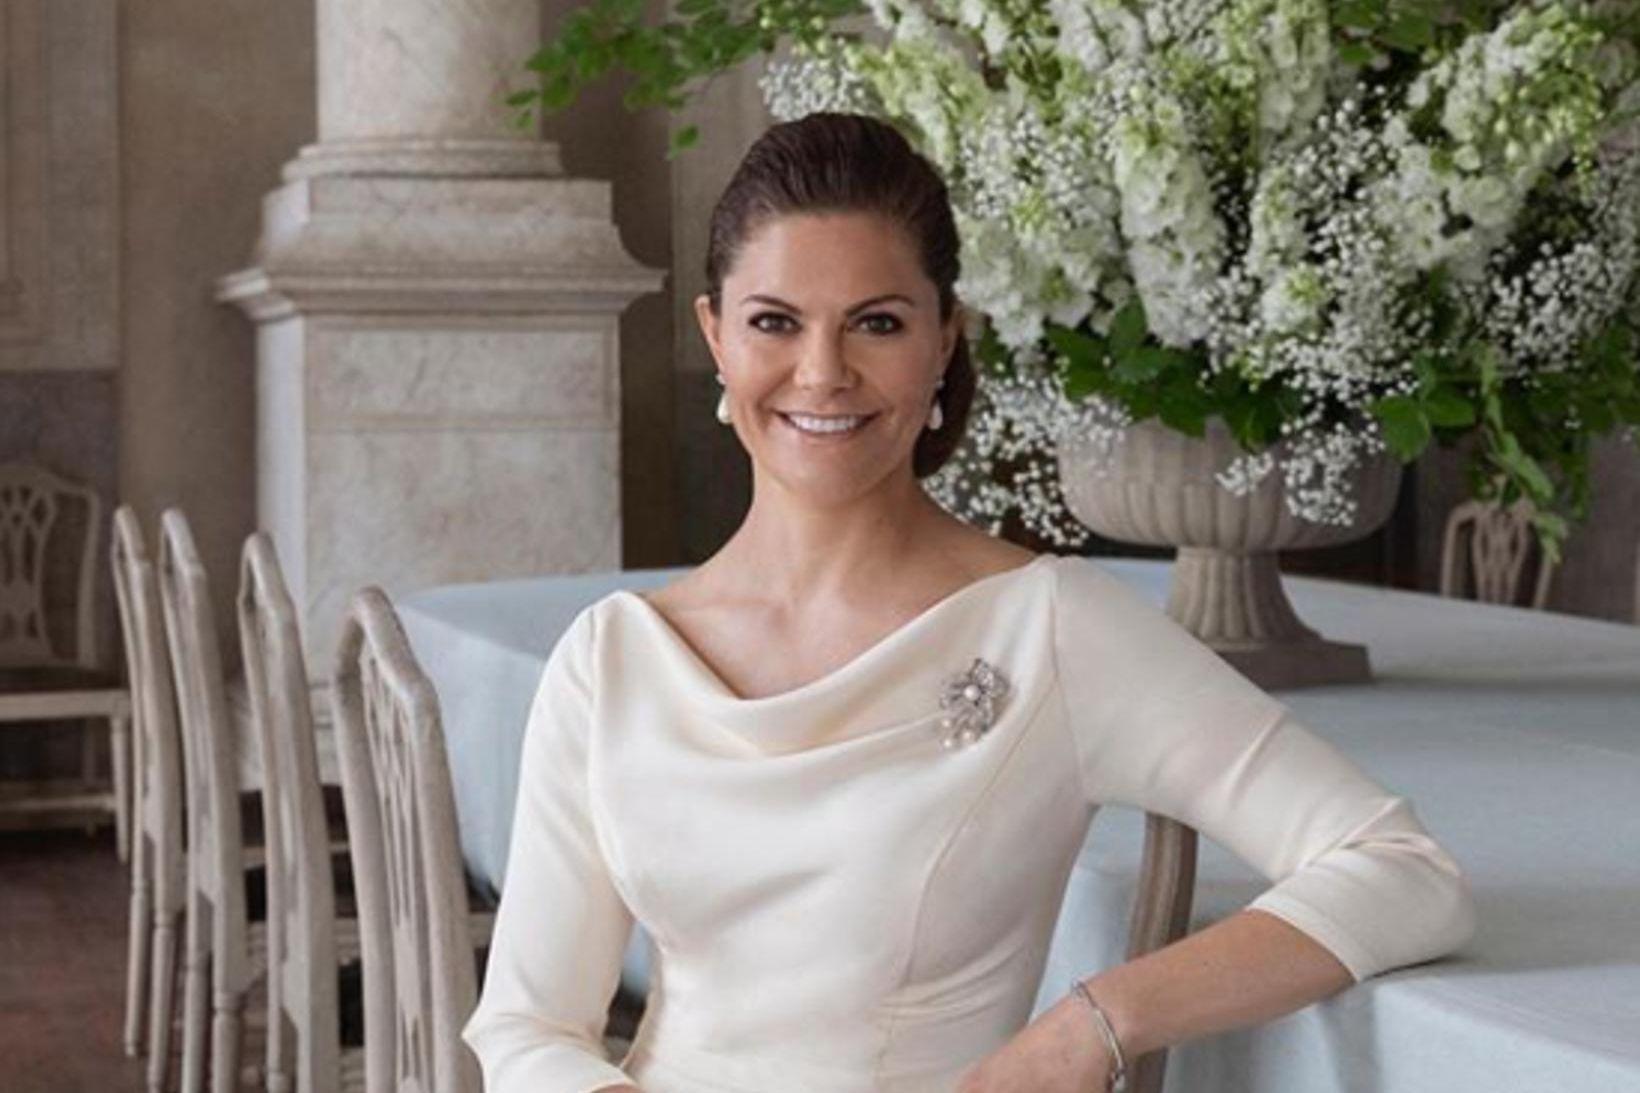 Viktoría krónprinsessa fagnaði 43 ára afmæli sínu.